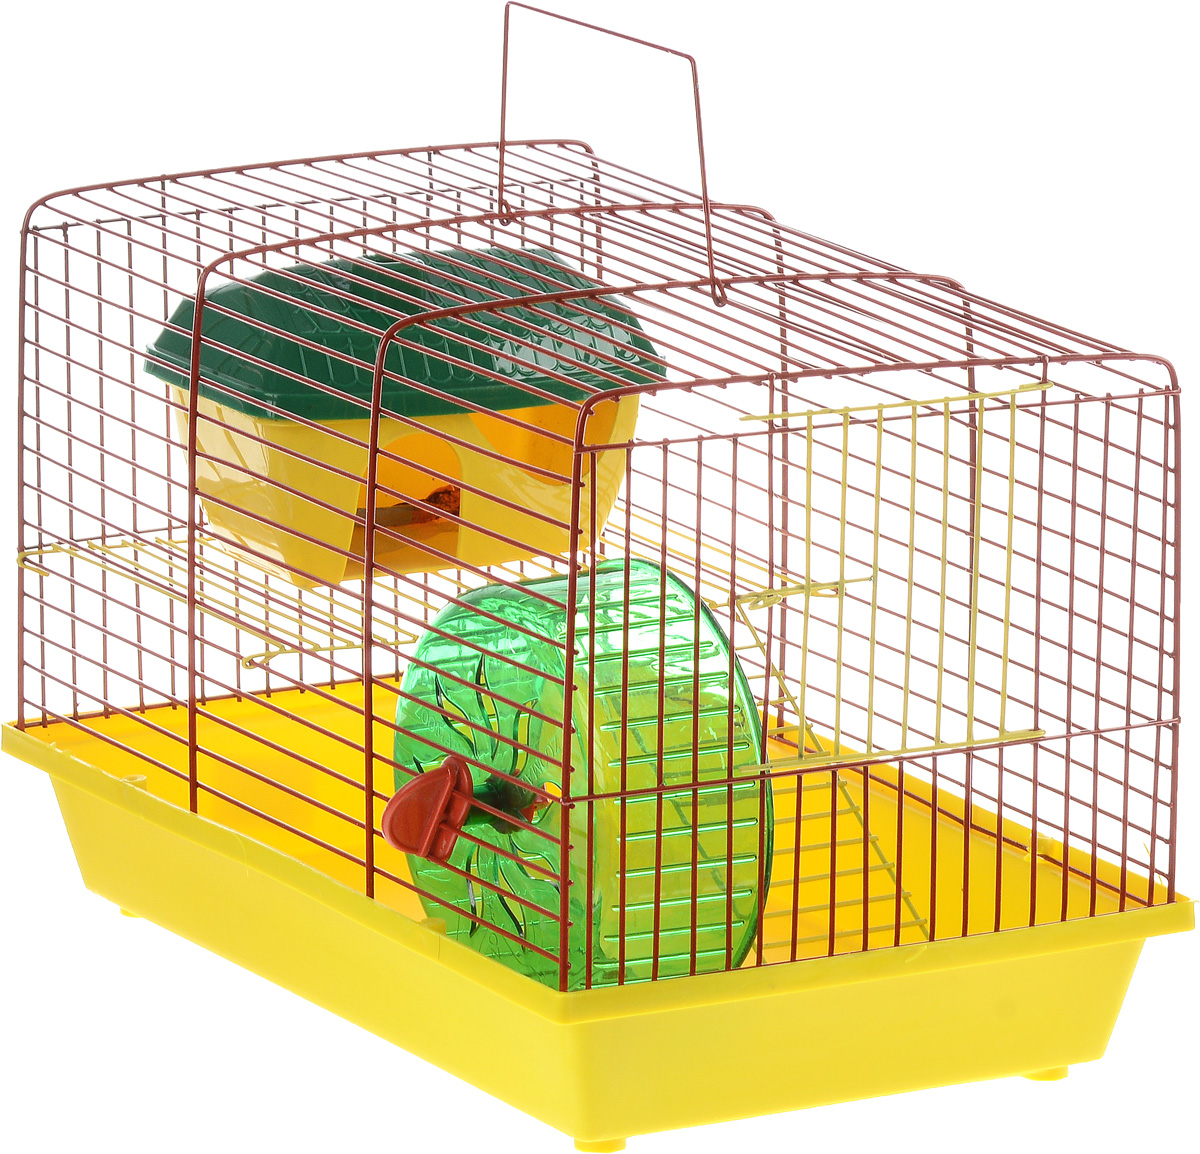 Клетка для грызунов ЗооМарк, 2-этажная, цвет: желтый поддон, красная решетка, желтый этаж, 36 х 22 х 24 см240жКОКлетка ЗооМарк, выполненная из полипропилена и металла, подходит для мелких грызунов. Изделие двухэтажное, оборудовано колесом для подвижных игр и пластиковым домиком. Клетка имеет яркий поддон, удобна в использовании и легко чистится. Сверху имеется ручка для переноски. Такая клетка станет уединенным личным пространством и уютным домиком для маленького грызуна.